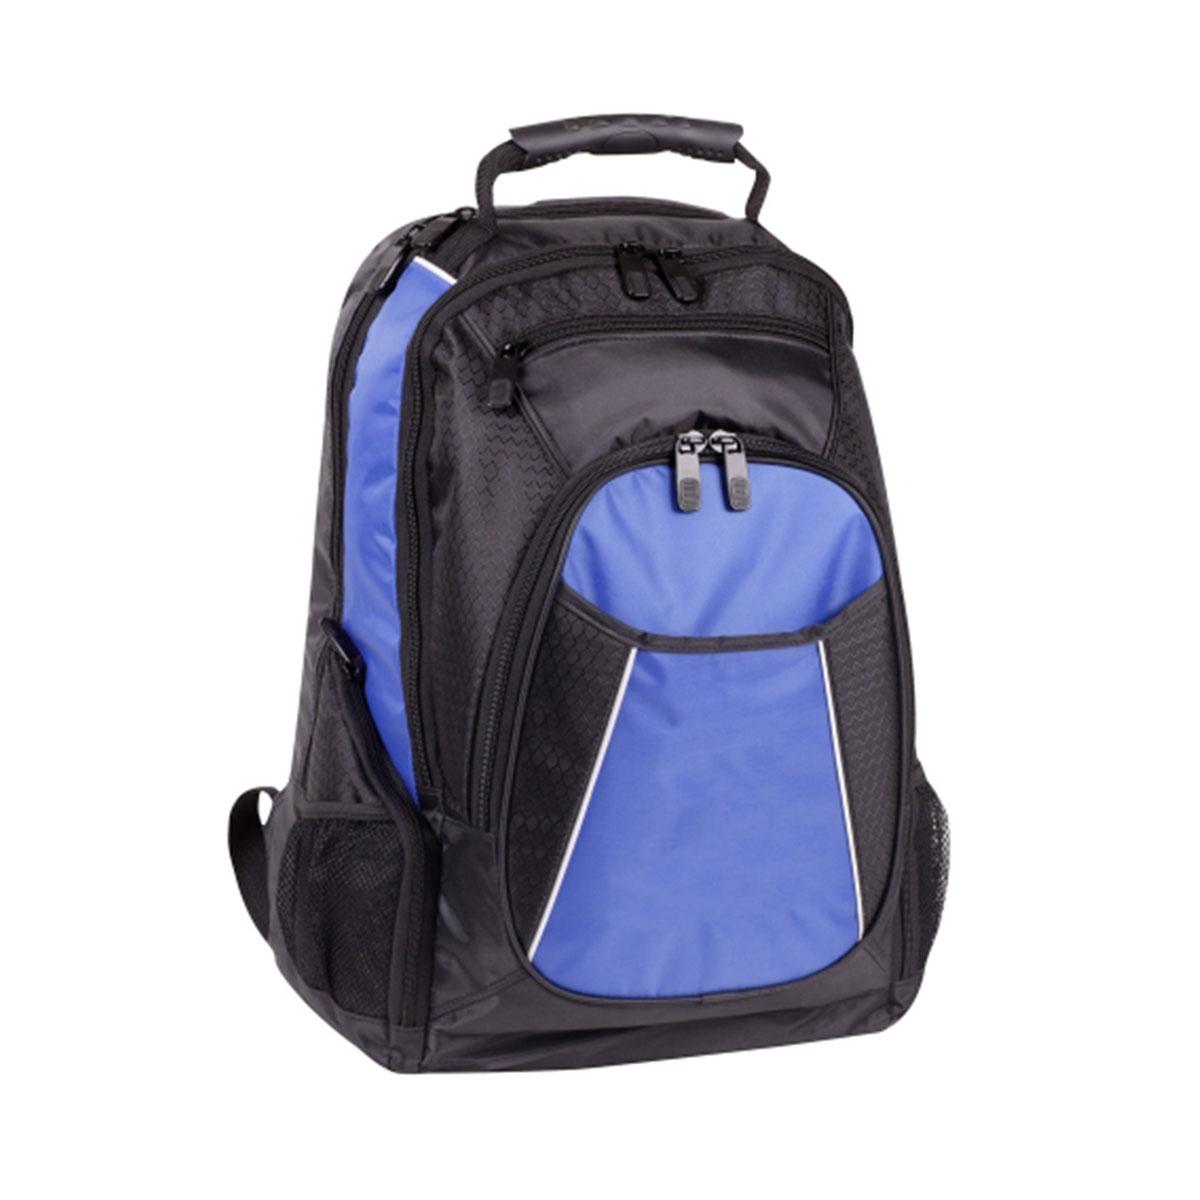 Backpack-Black / White / Royal